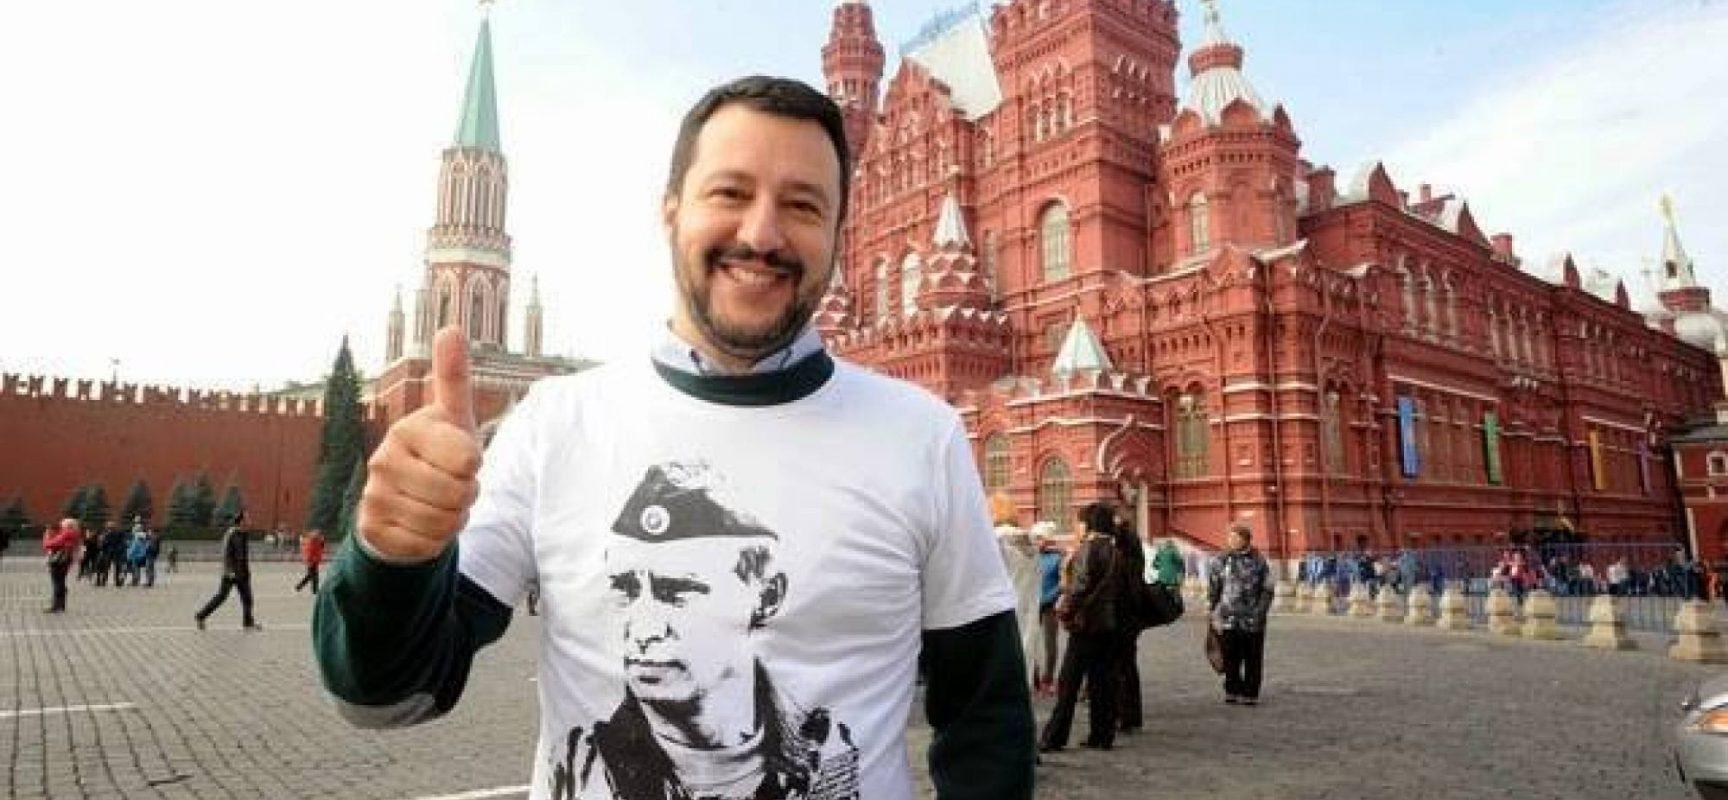 il Putinellum, ovvero il tentativo di golpe bianco in Italia